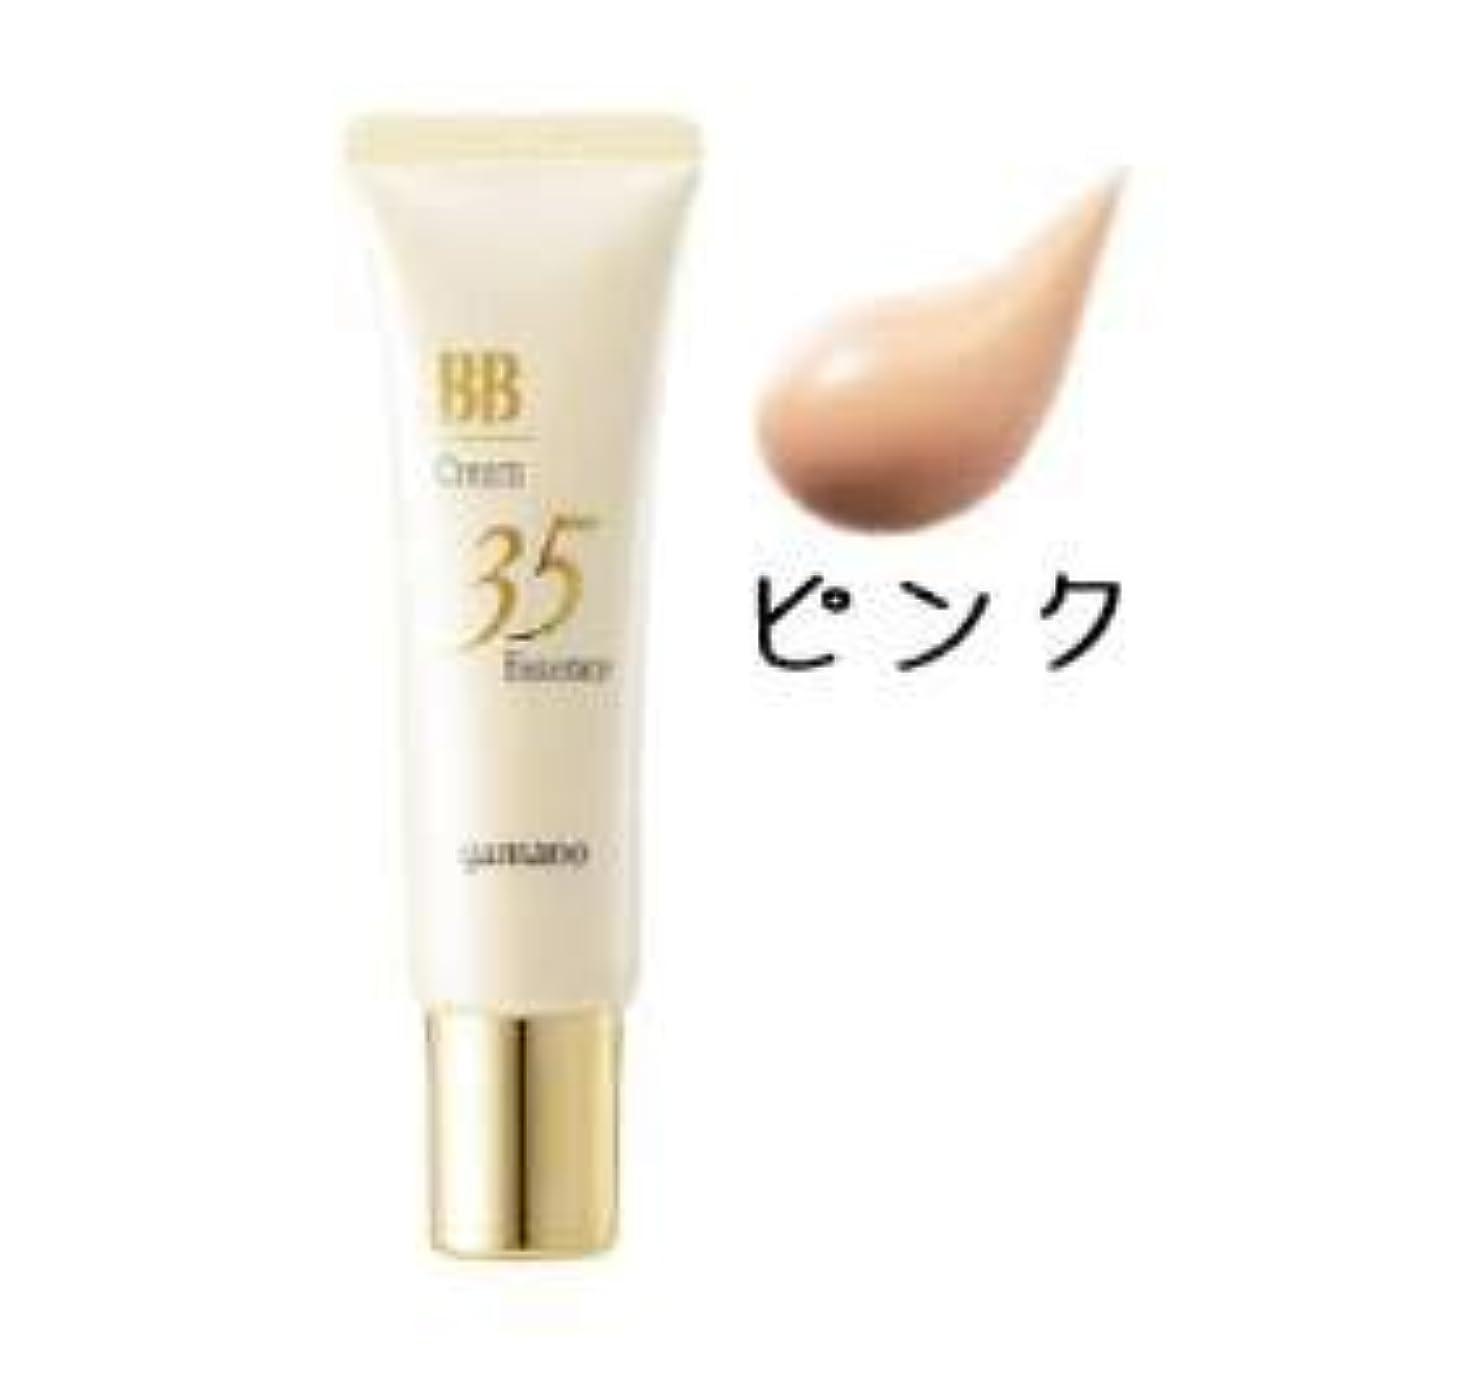 プット降臨大胆なヤマノ ヤマノ エッセンス 35 BB クリーム ピンク(30g)